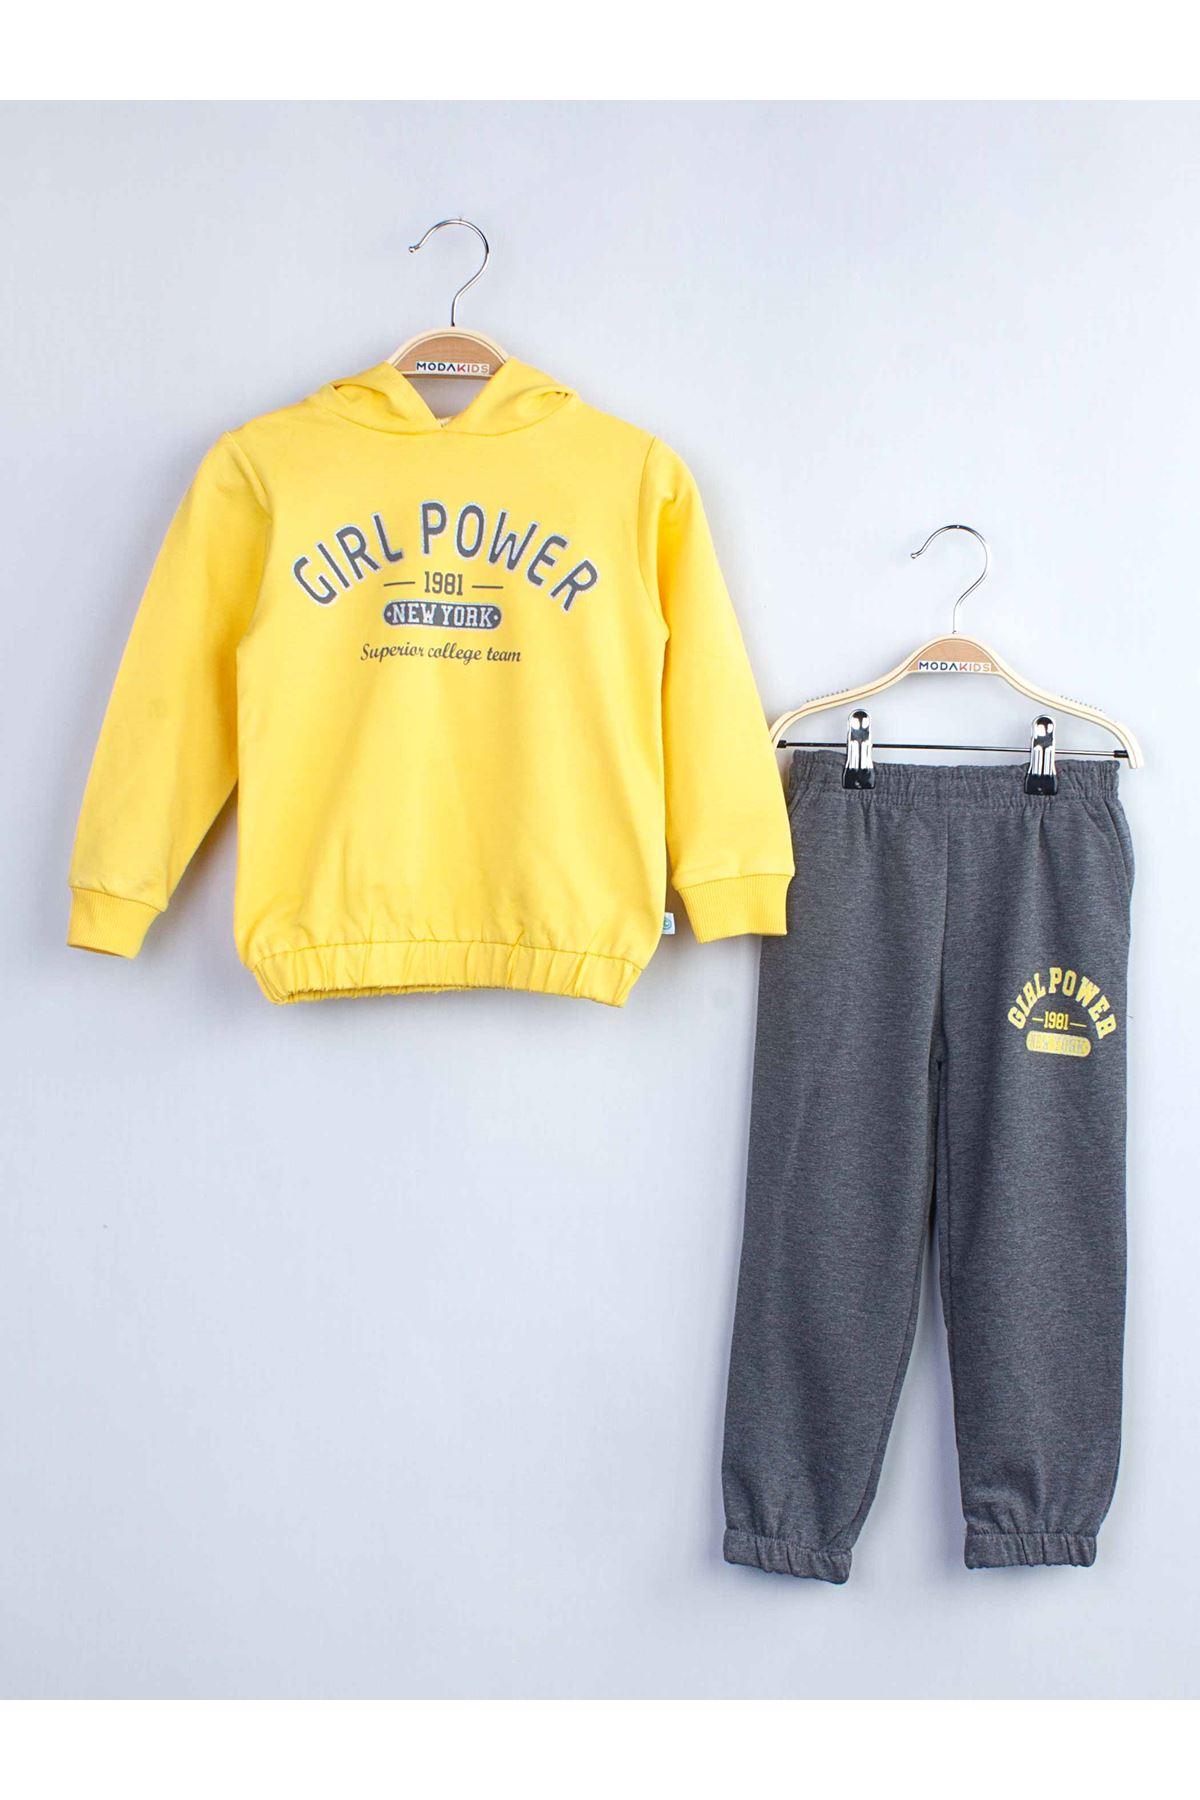 ملابس رياضية هودي رمادي أصفر بناتي